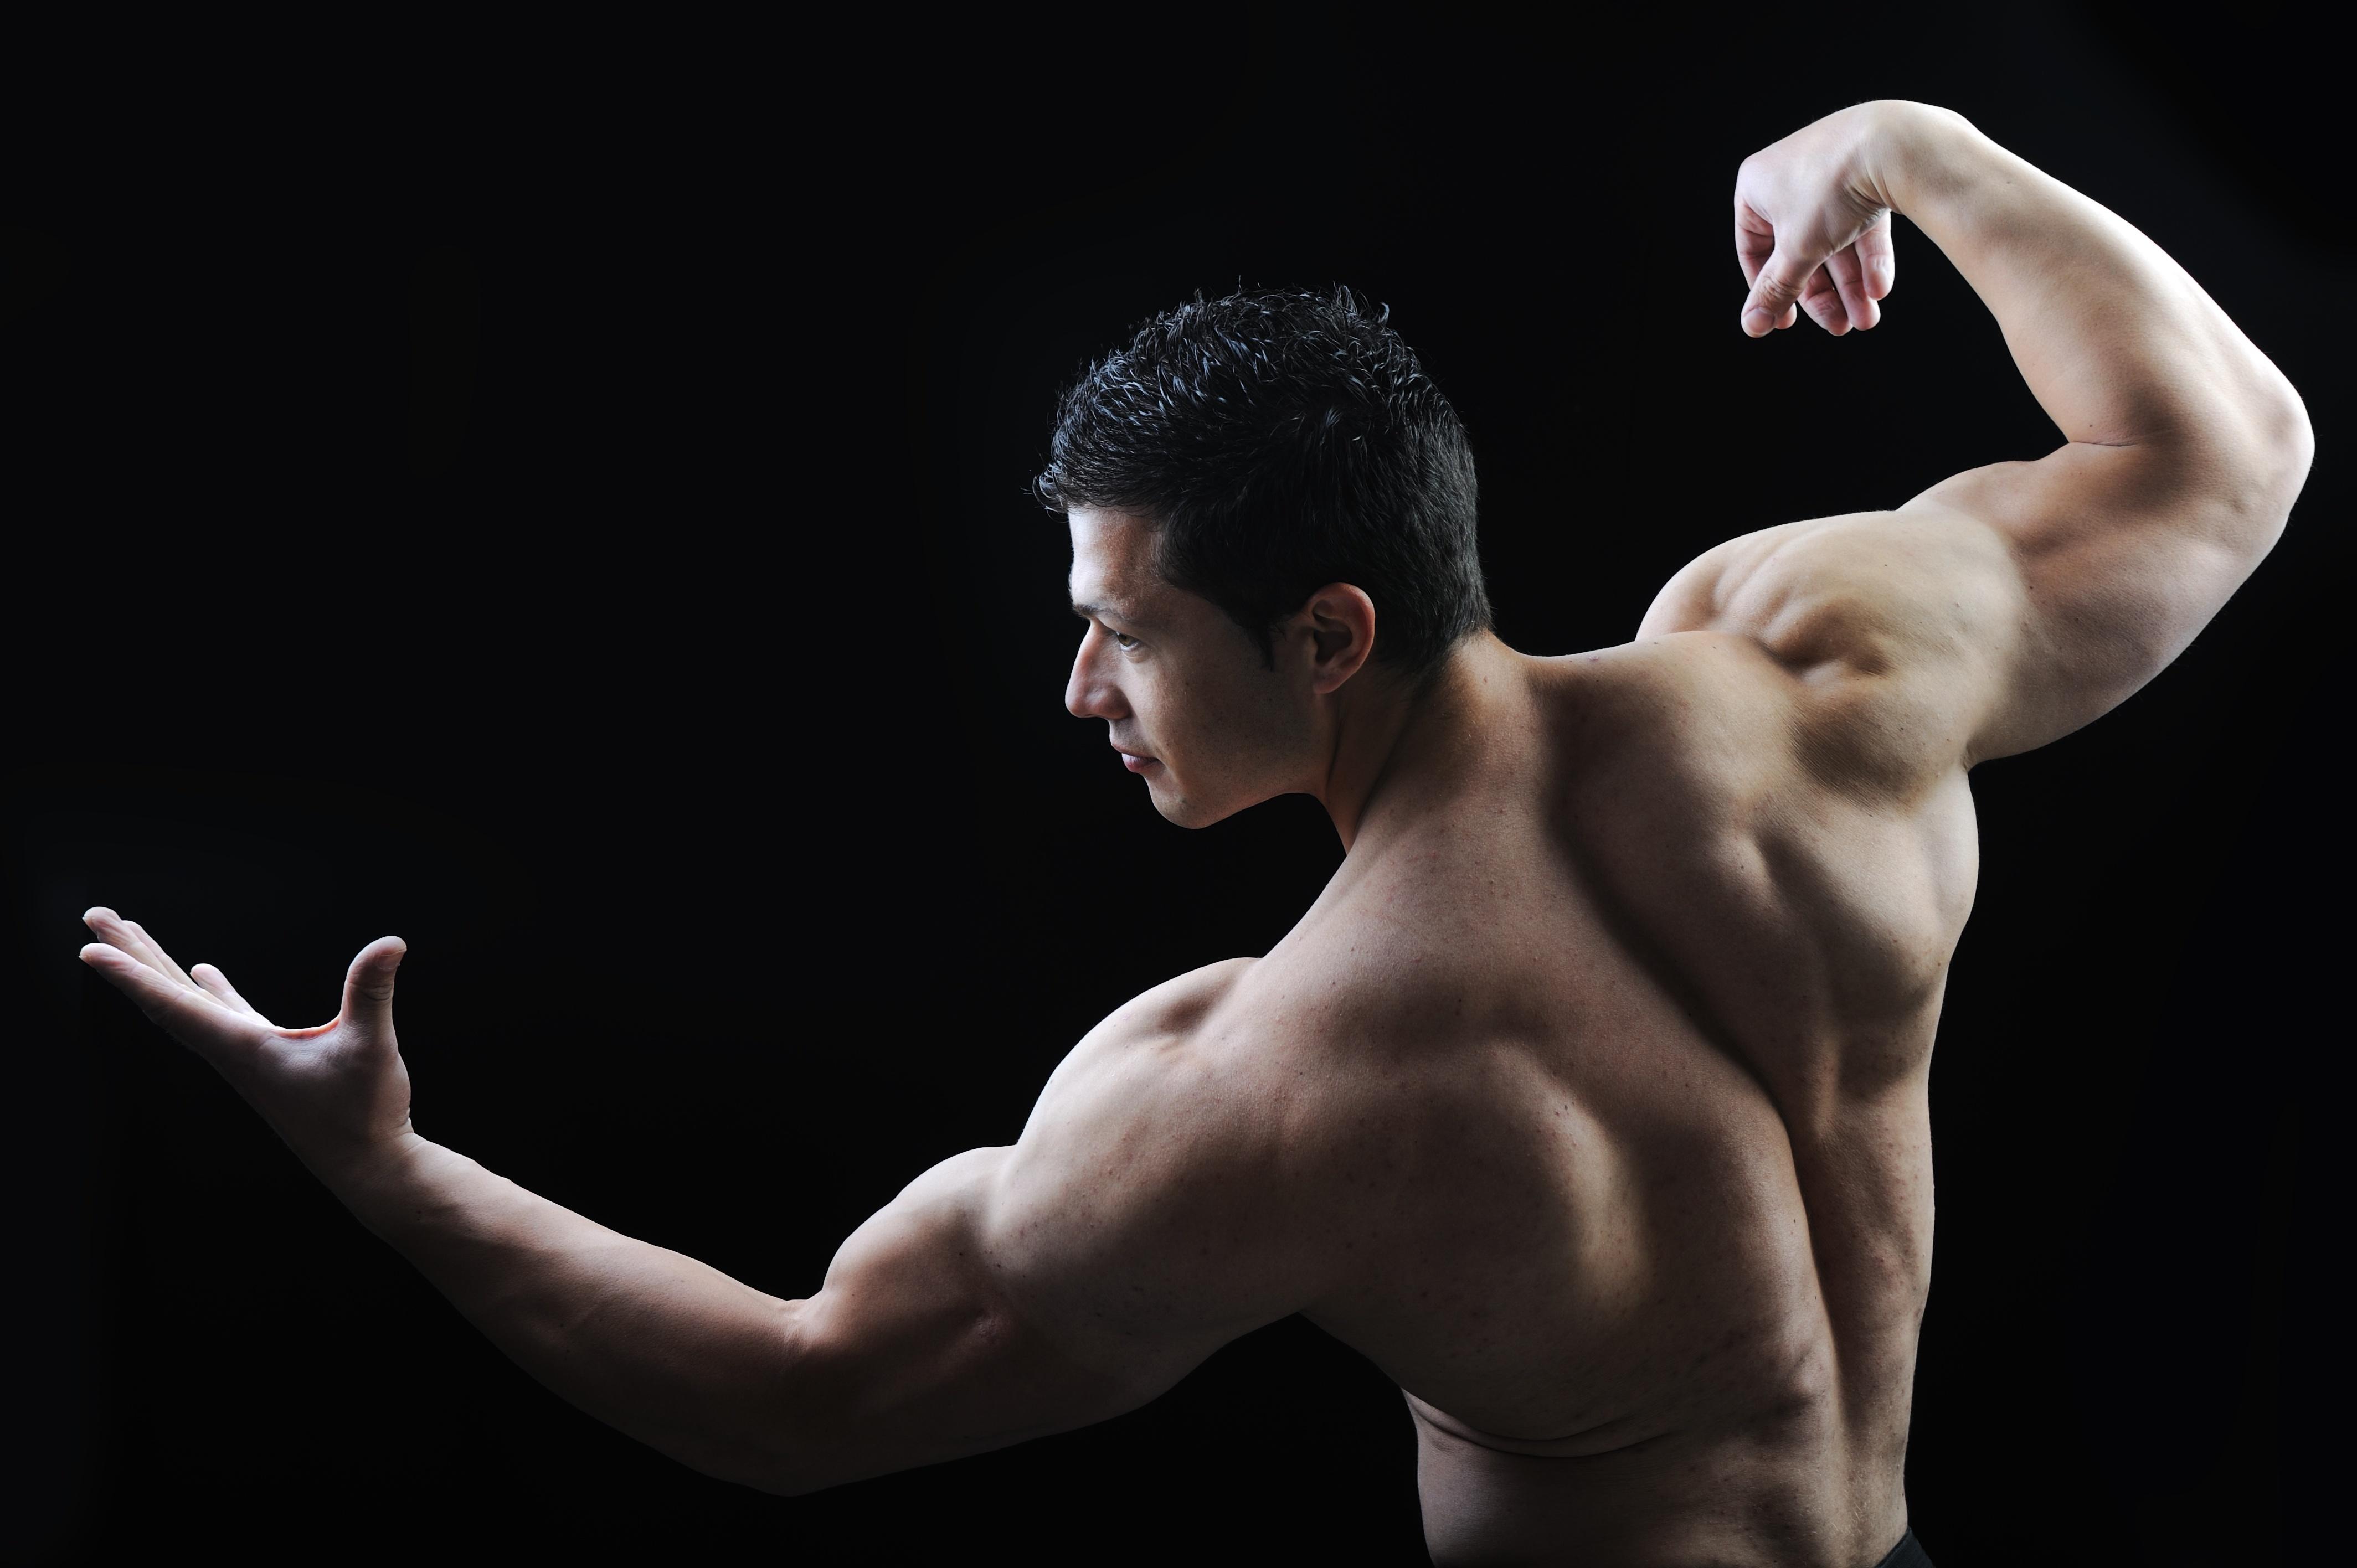 背筋の発達した男性